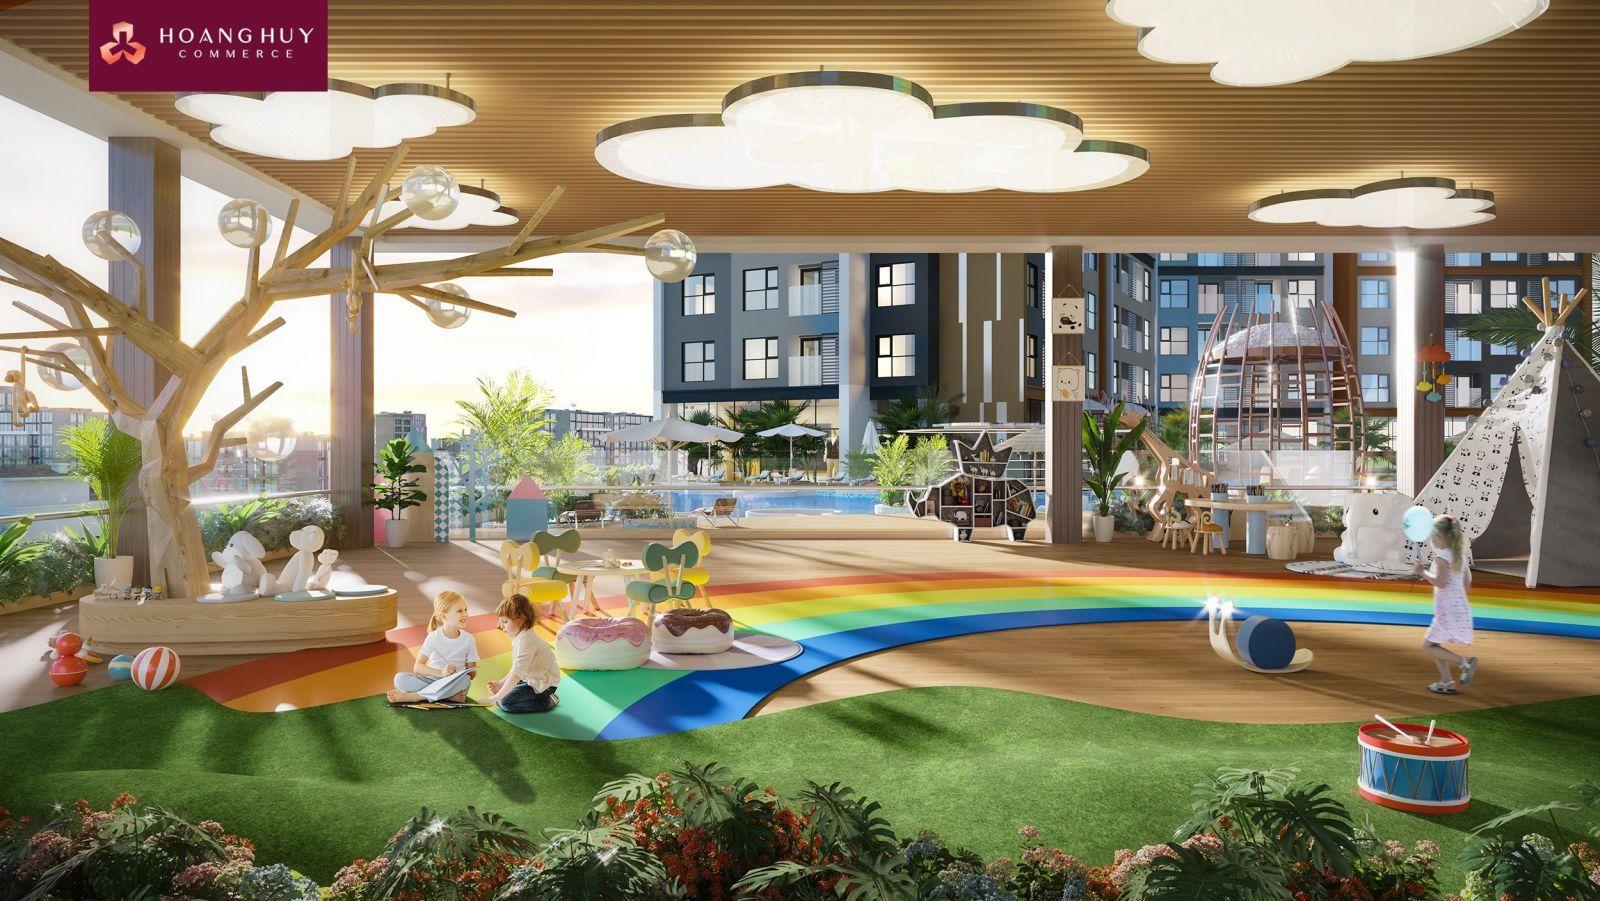 Phối cảnh dự án tòa nhà hỗn hợp Hoàng Huy Commerce